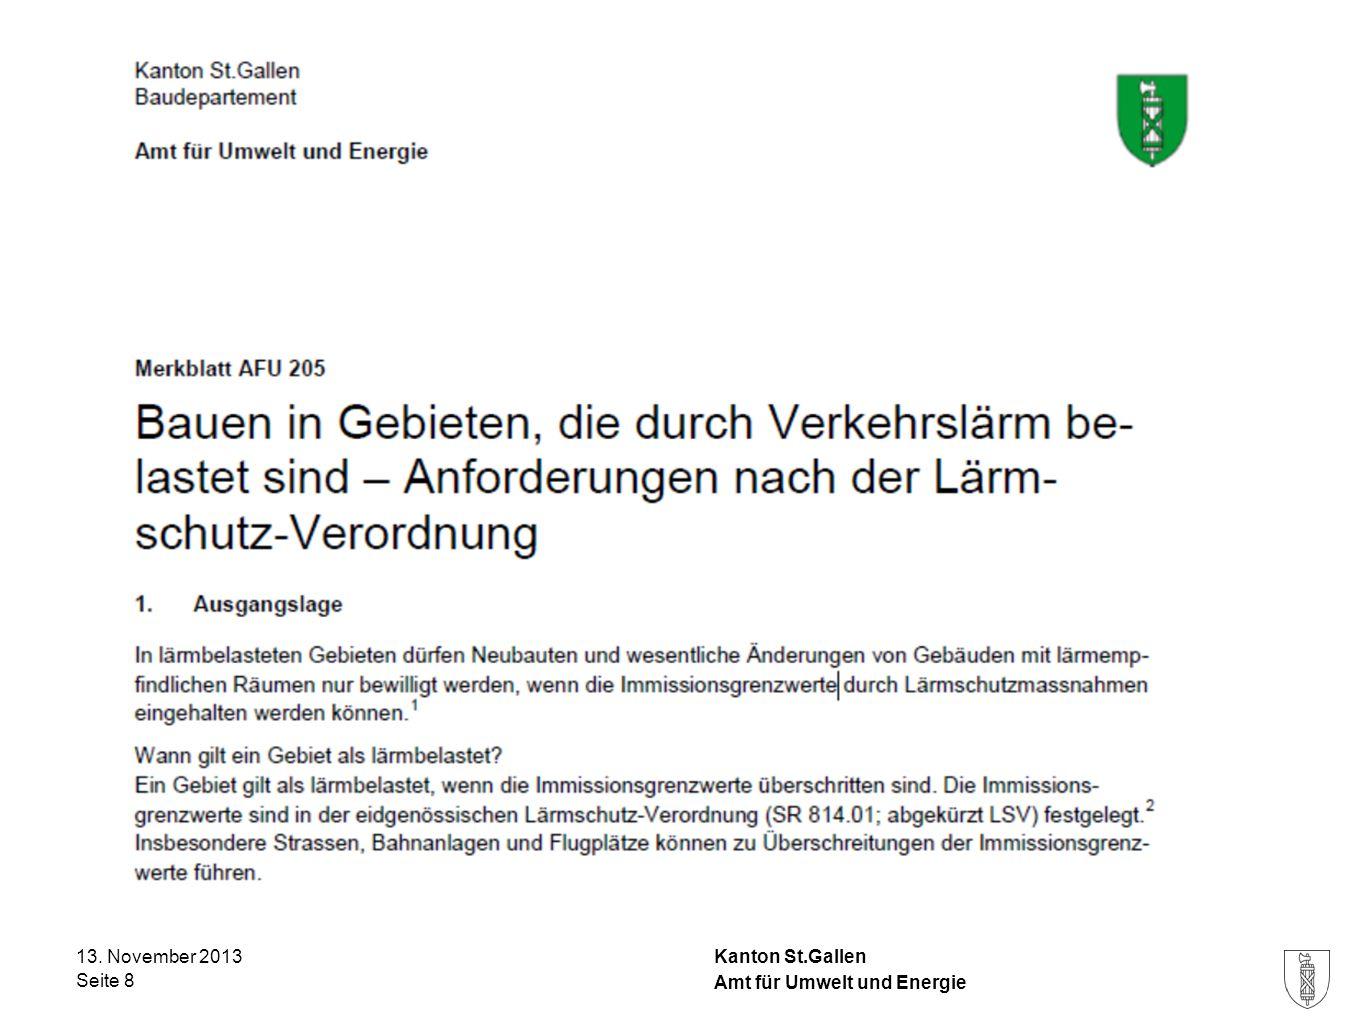 Kanton St.Gallen 13.